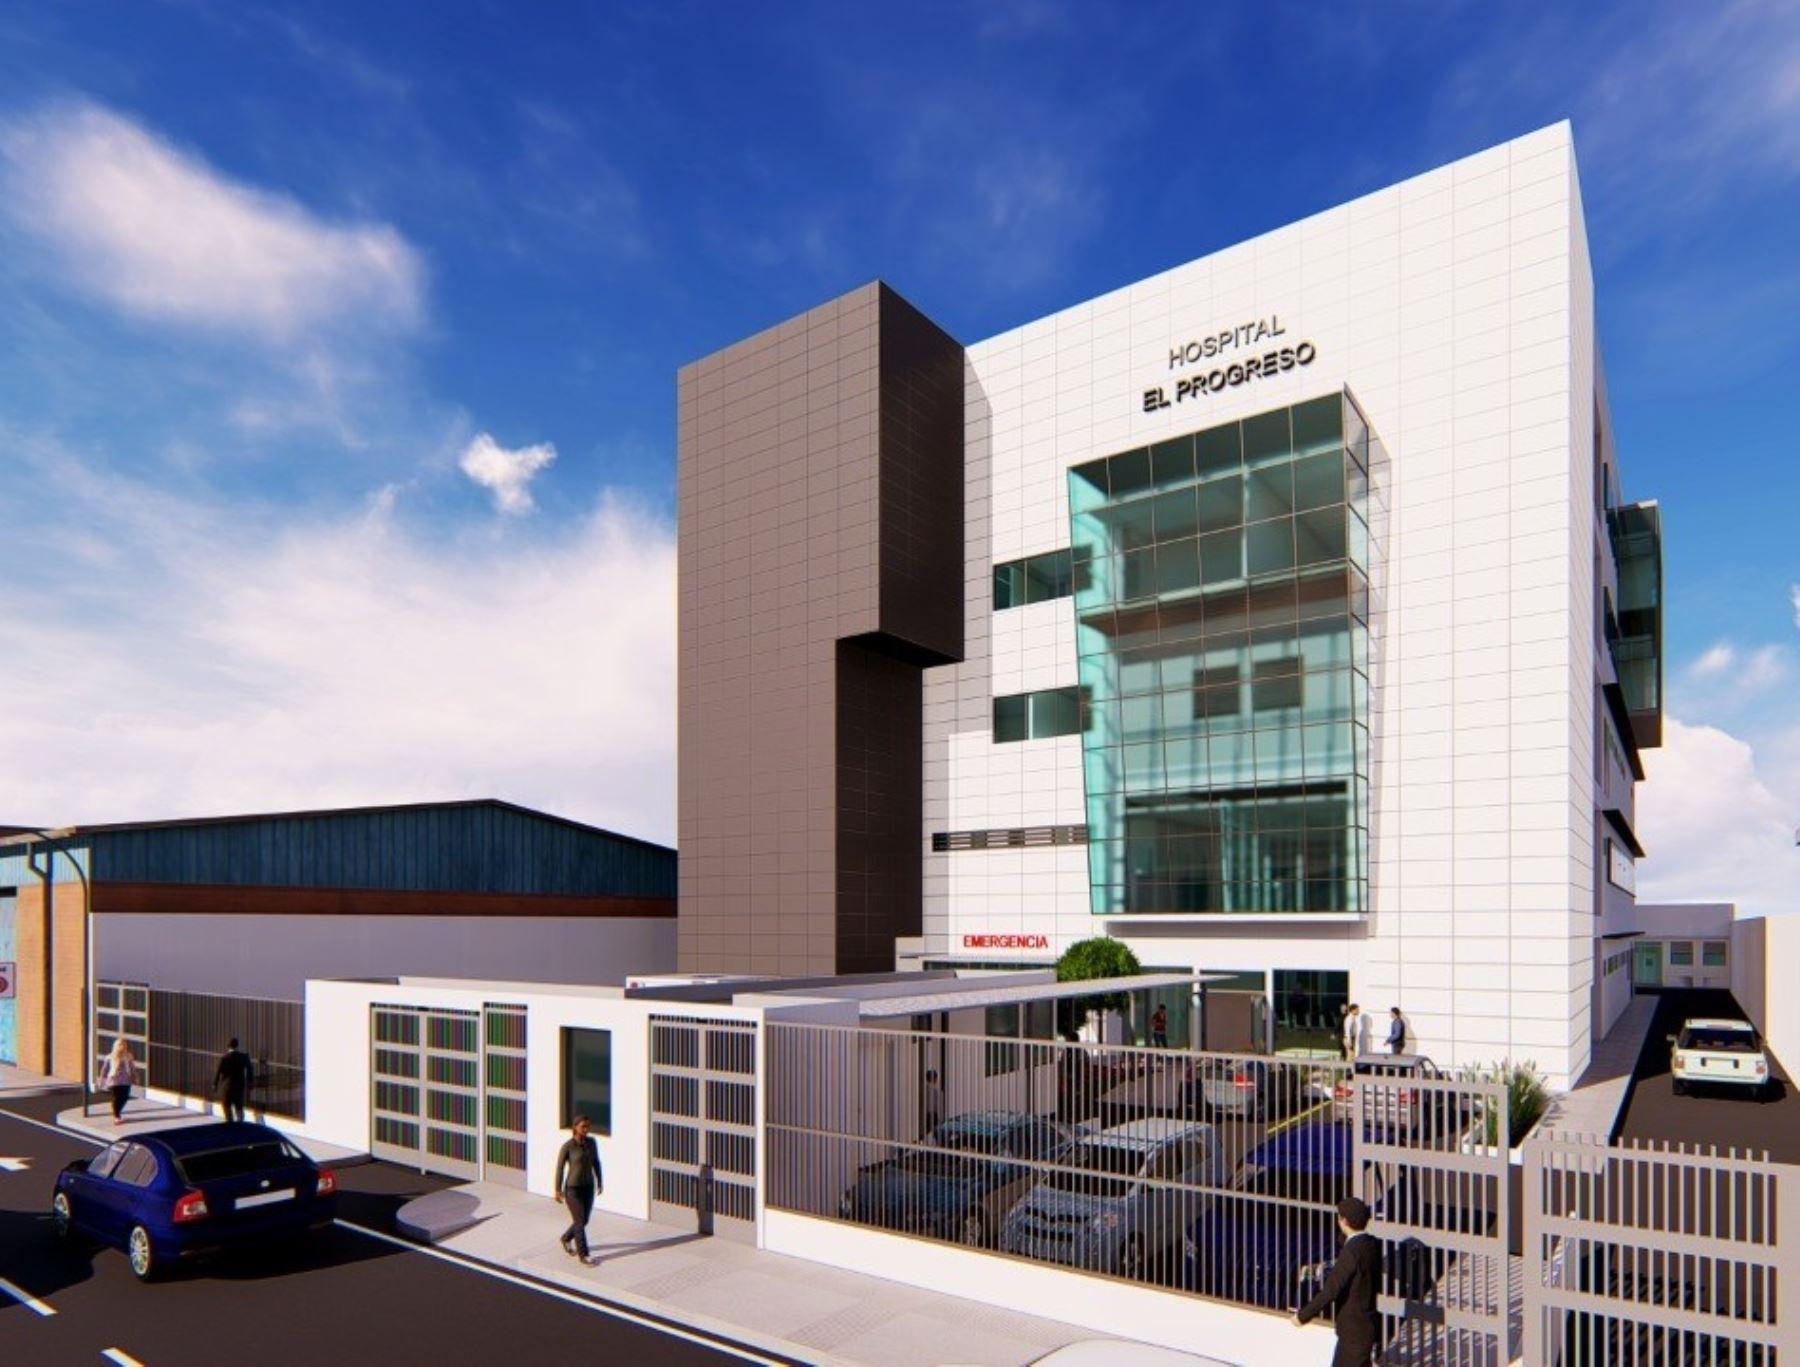 Se iniciaron los trabajos de construcción del Hospital Progreso en la ciudad de Chimbote, región Áncash, informó el Programa Nacional de Inversiones en Salud (Pronis). ANDINA/Difusión